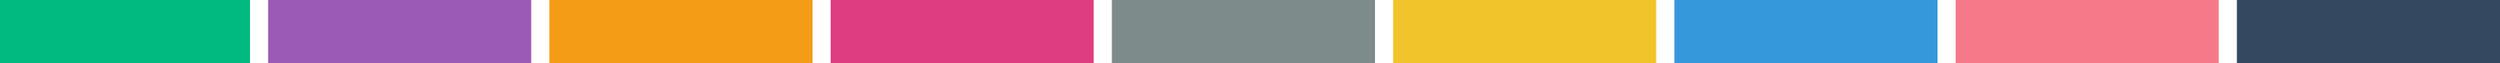 Color Blocks Header Bar Banner Image.jpg